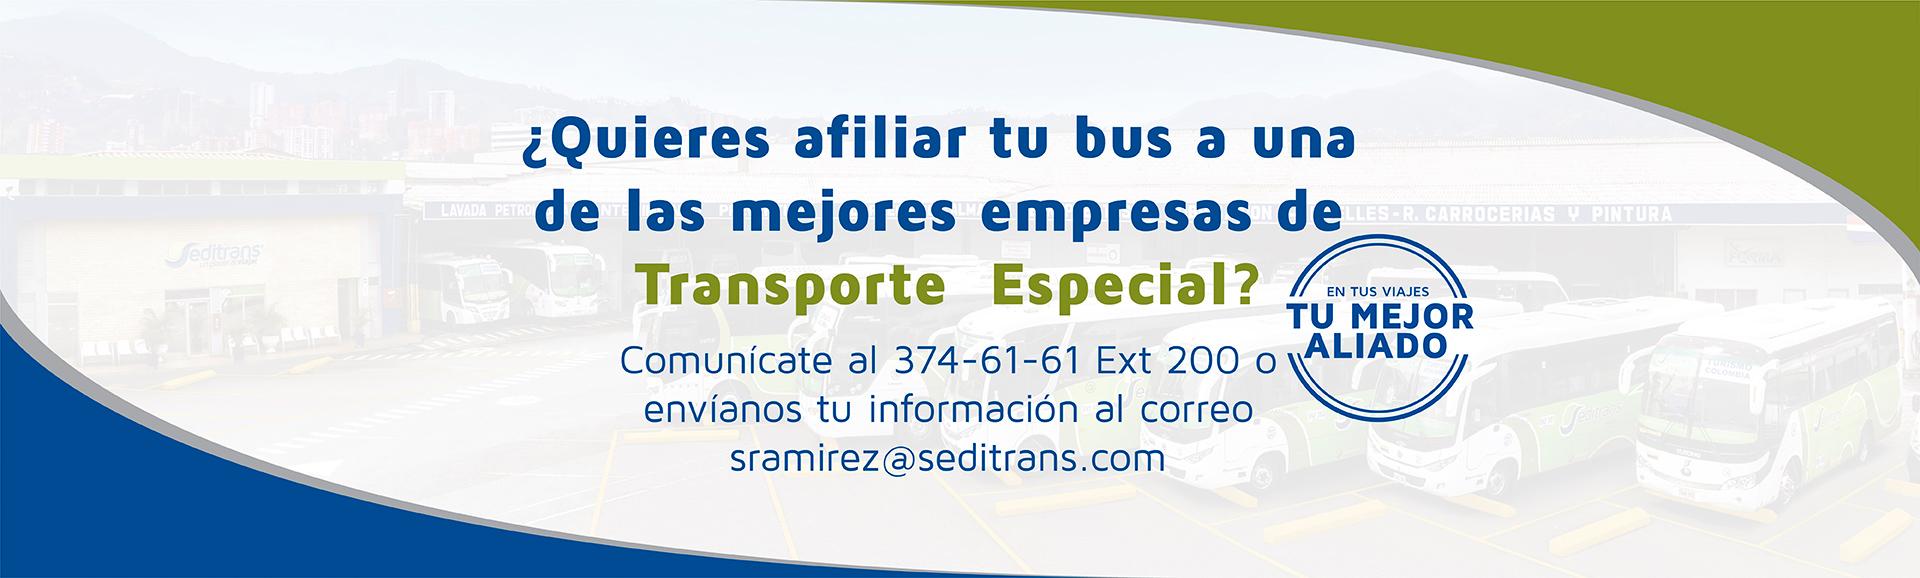 afiliate-a-seditrans-04